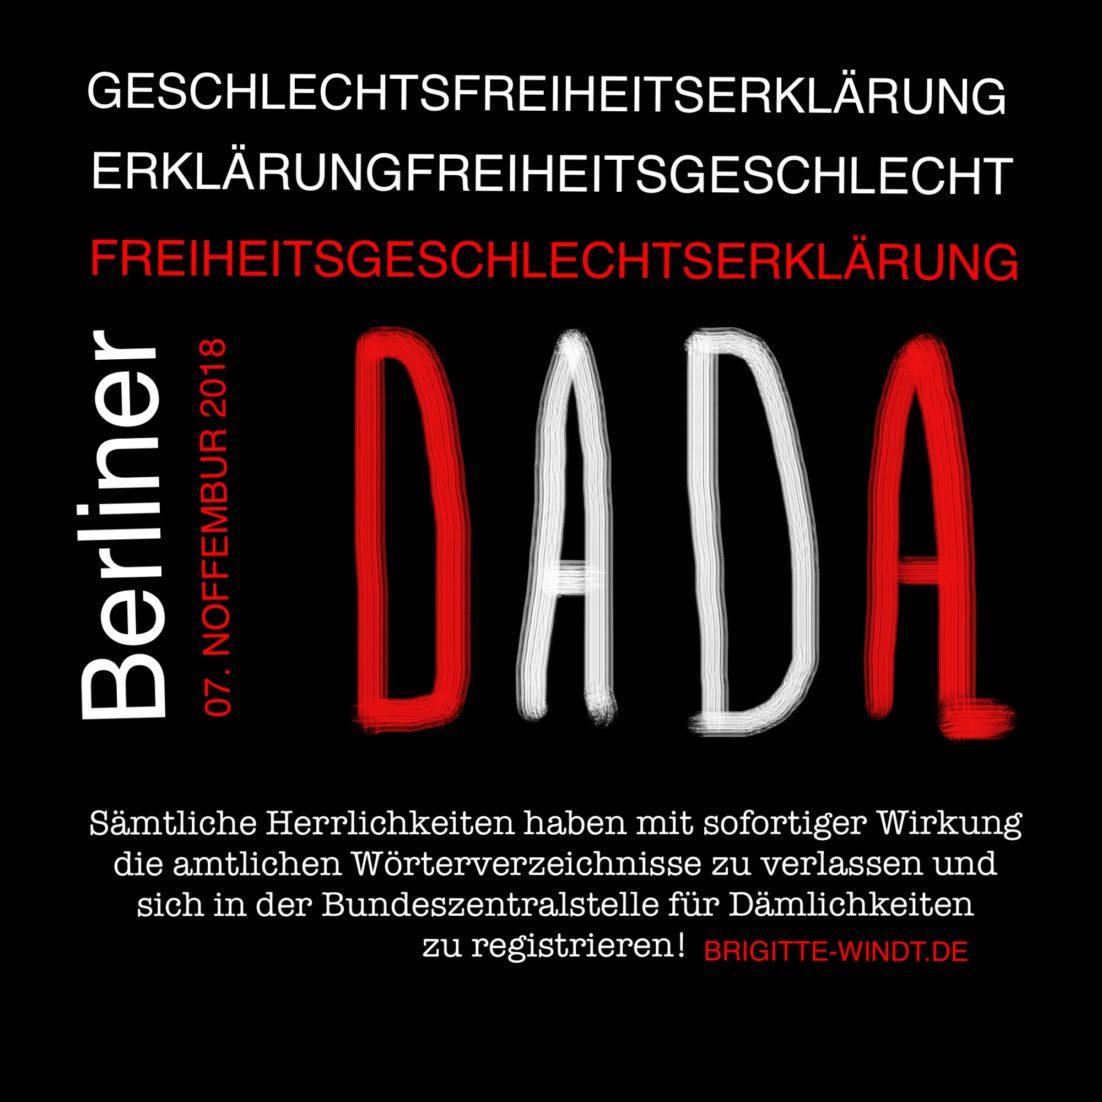 DADA Brigitte Windt. Weißer und roter Text auf schwarzem Grund. Berliner Geschlechtsfreiheitserklärung vom 07. Noffembur 2018